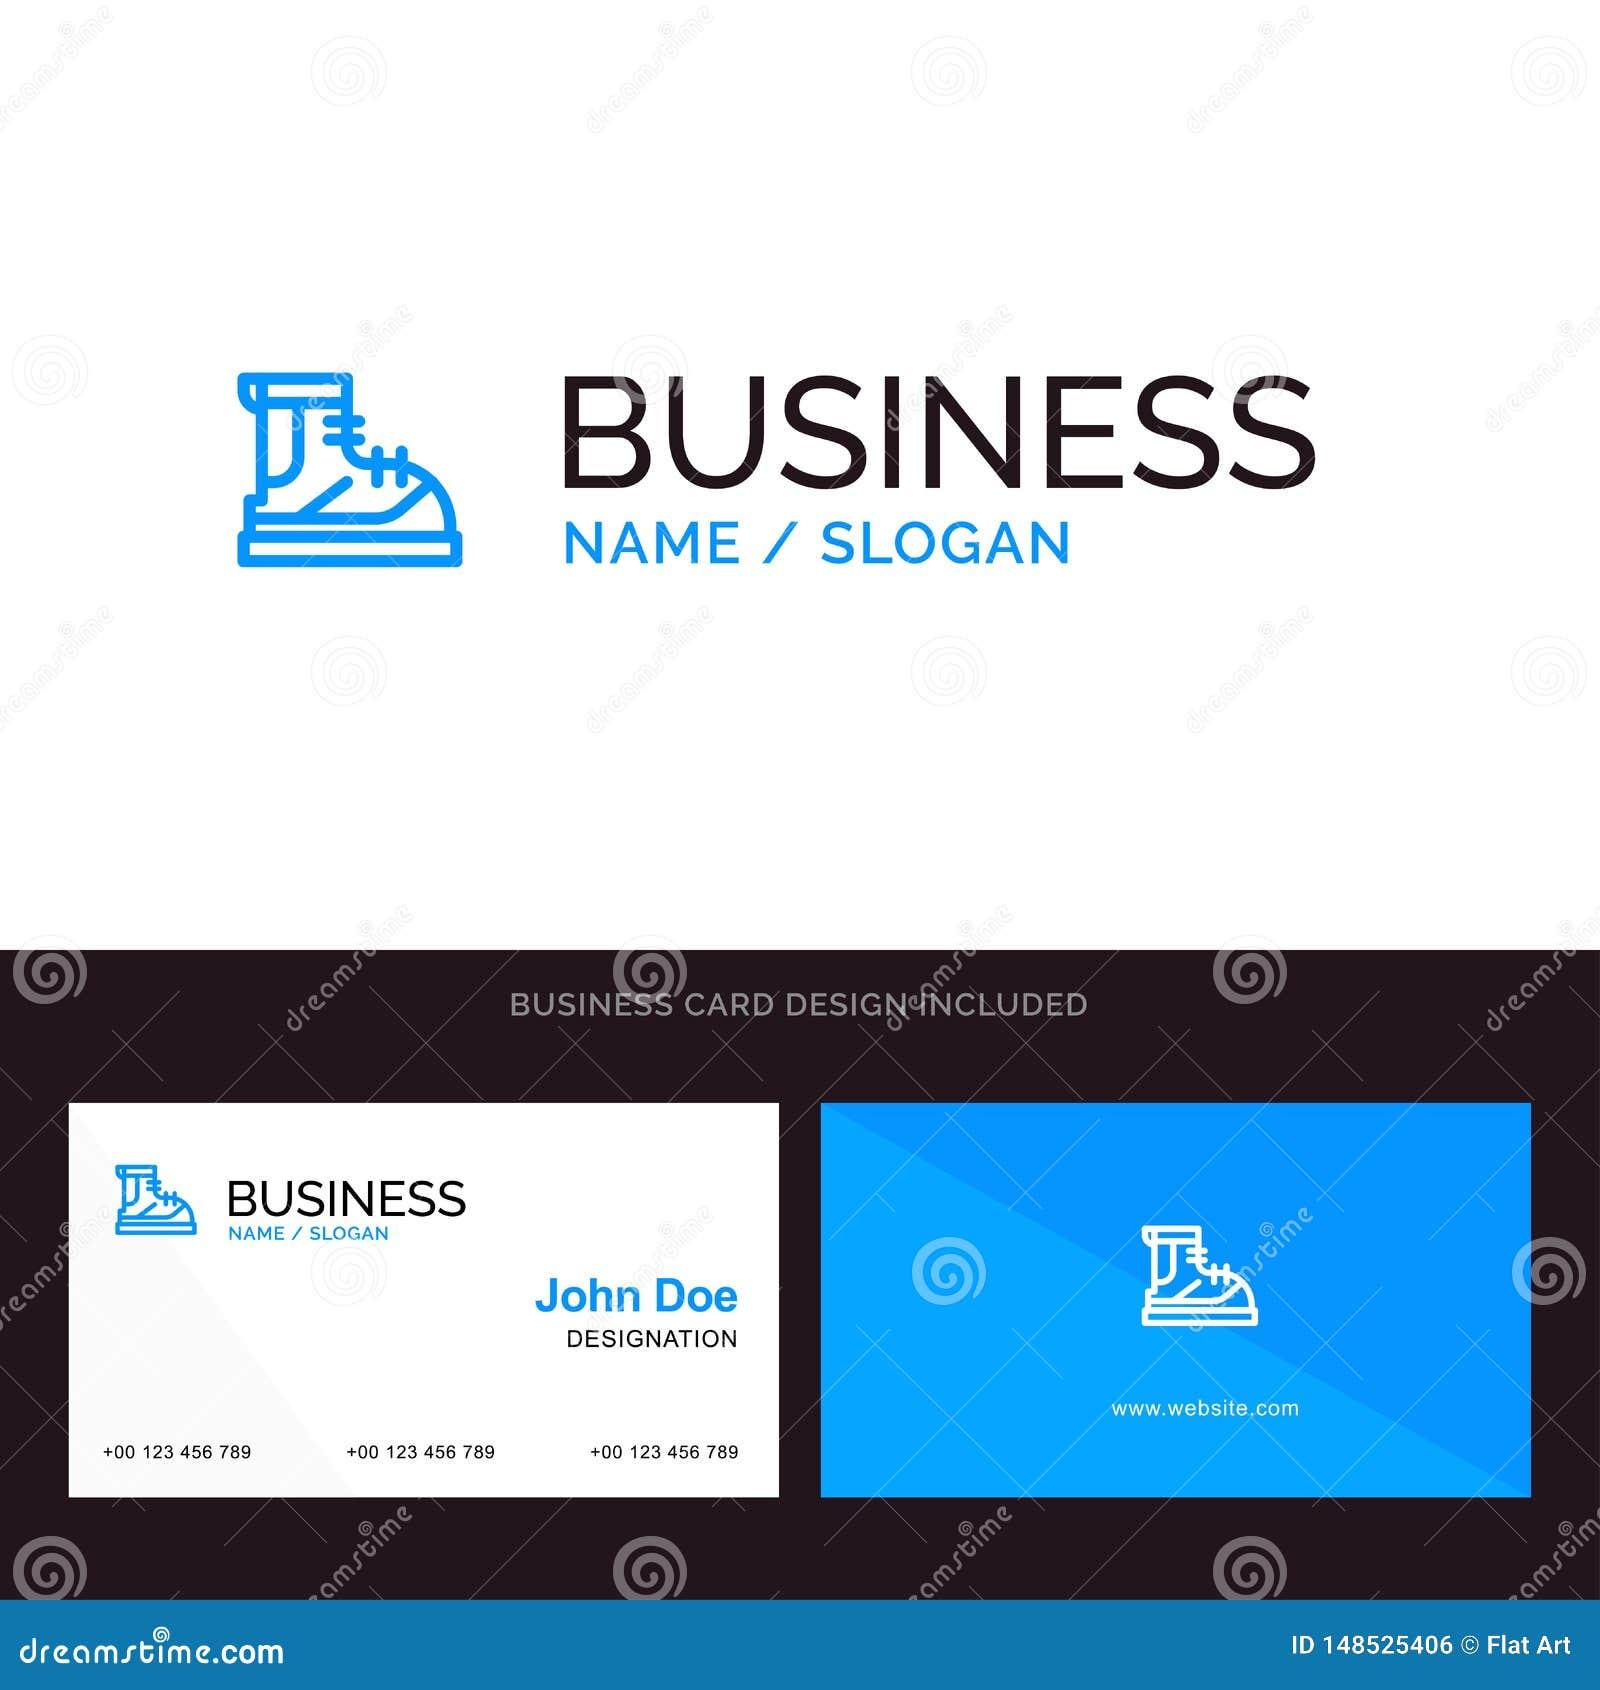 Логотип и шаблон для ботинок, Hiker визитной карточки, след, иллюстрация вектора ботинка